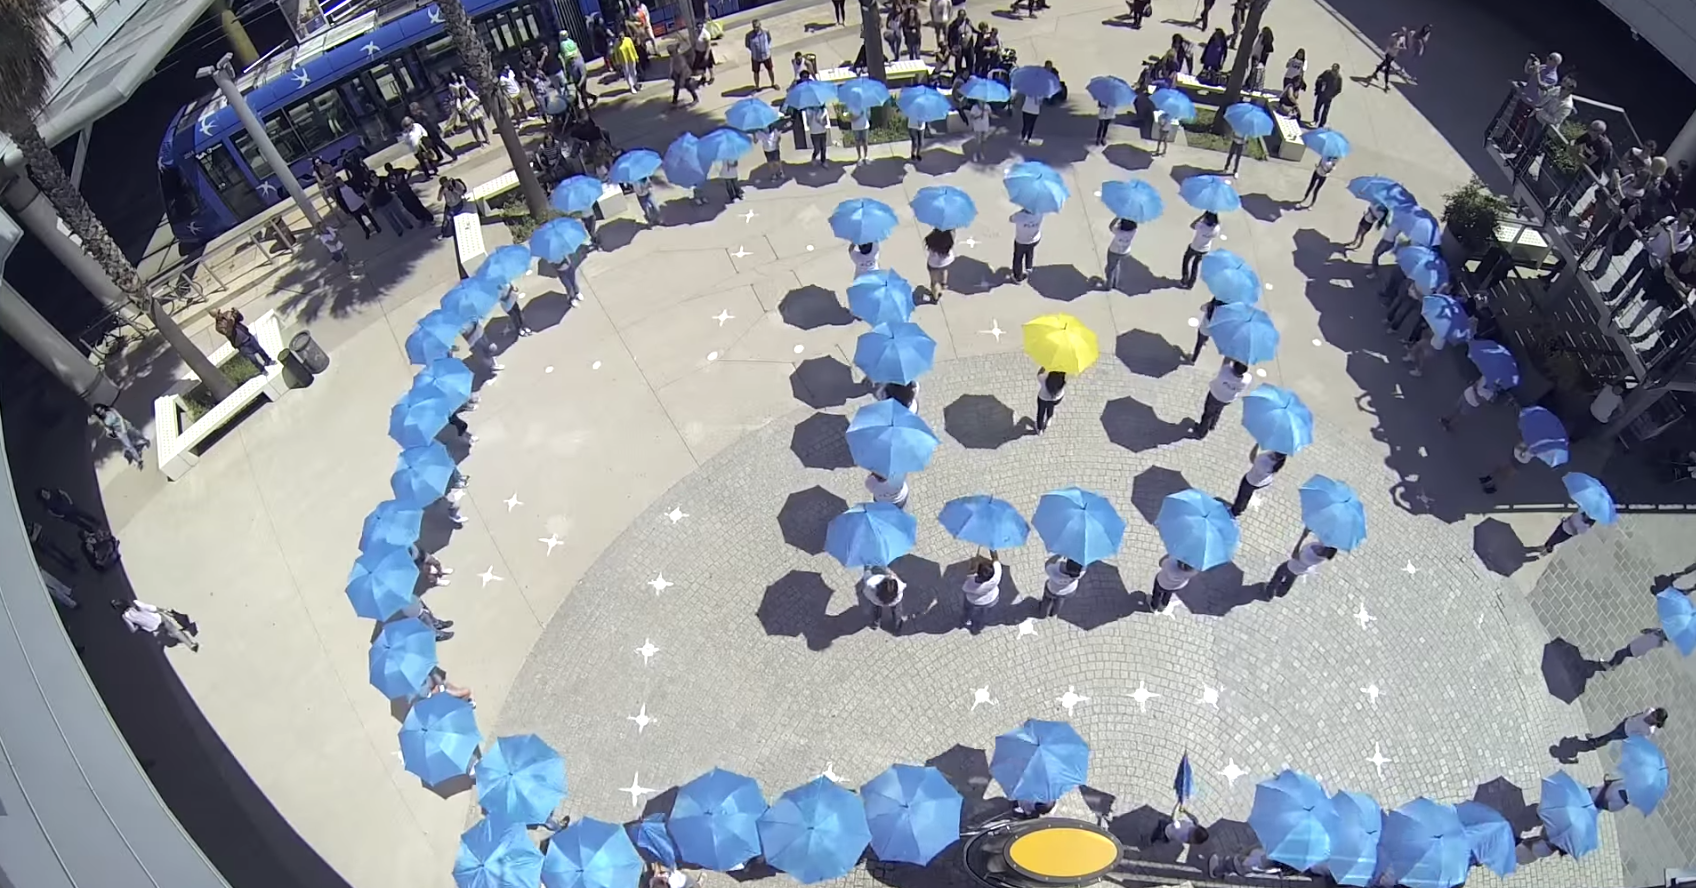 Les clients du centre Odysseum se sont laissés surprendre par un joli flashmob fun et coloré